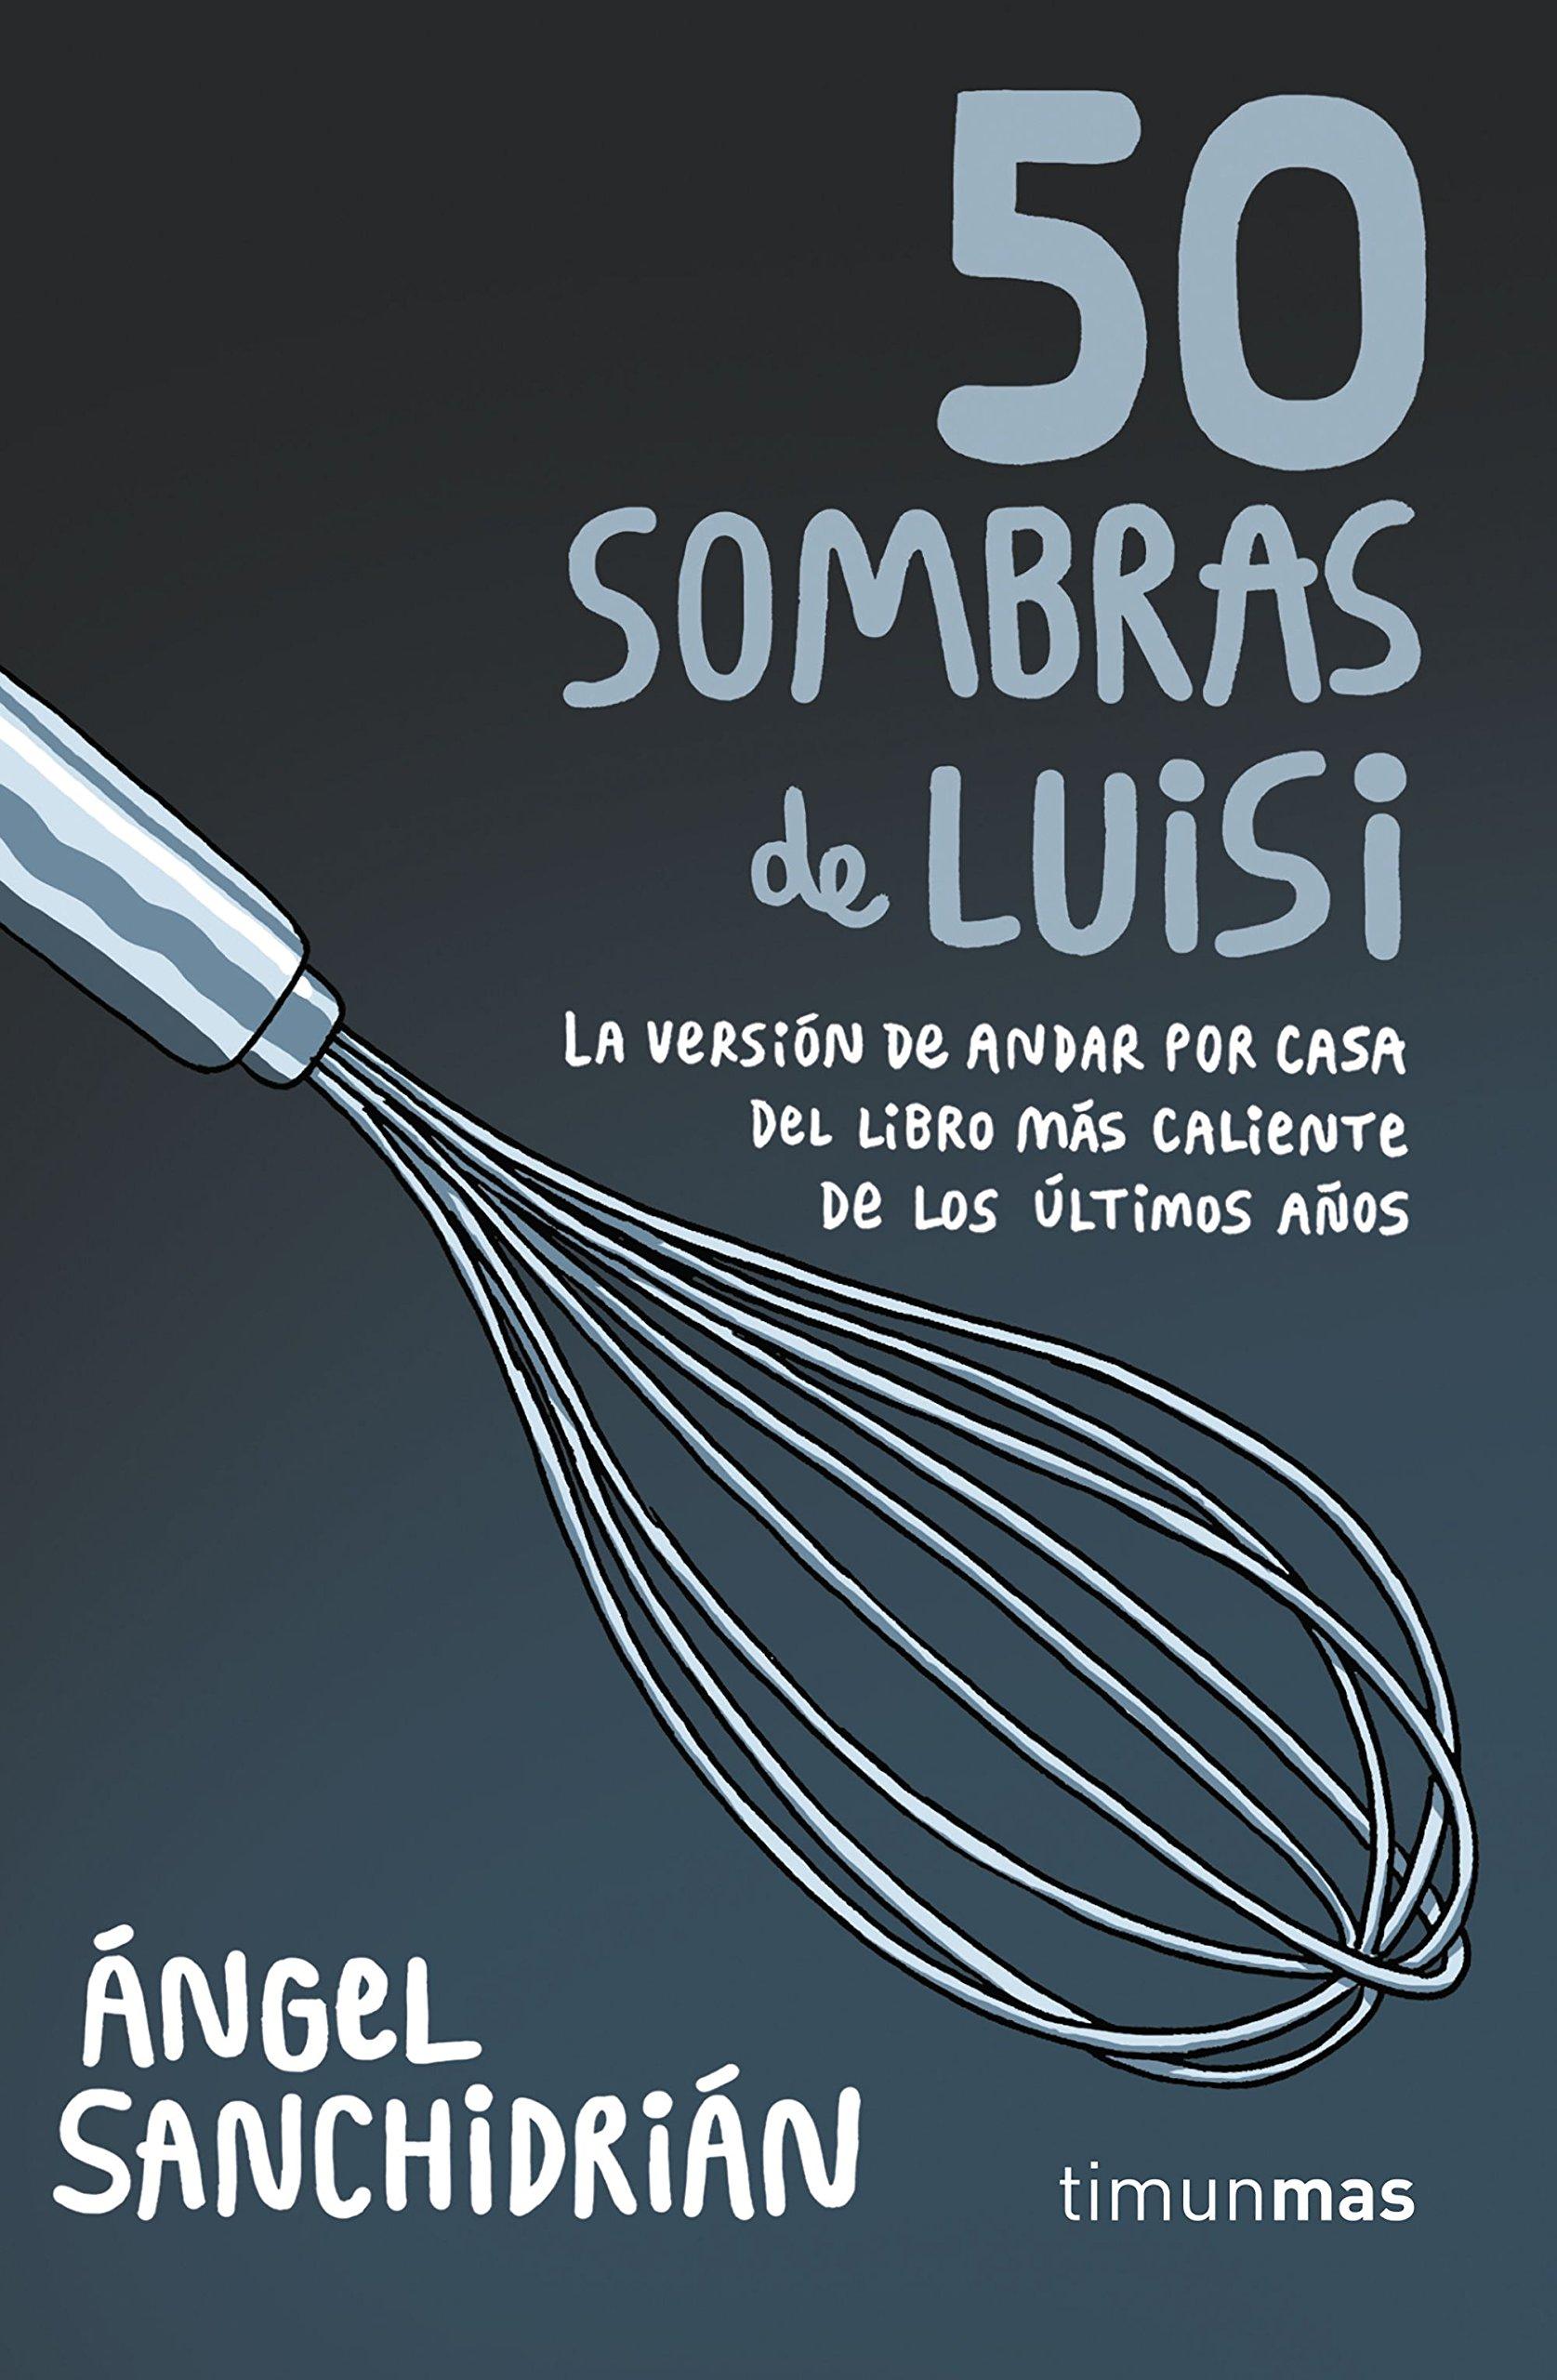 50 sombras de Luisi (No Ficción Timunmas) Tapa blanda – 28 nov 2017 Ángel Sanchidrián Minotauro 8445004972 Erotic fiction